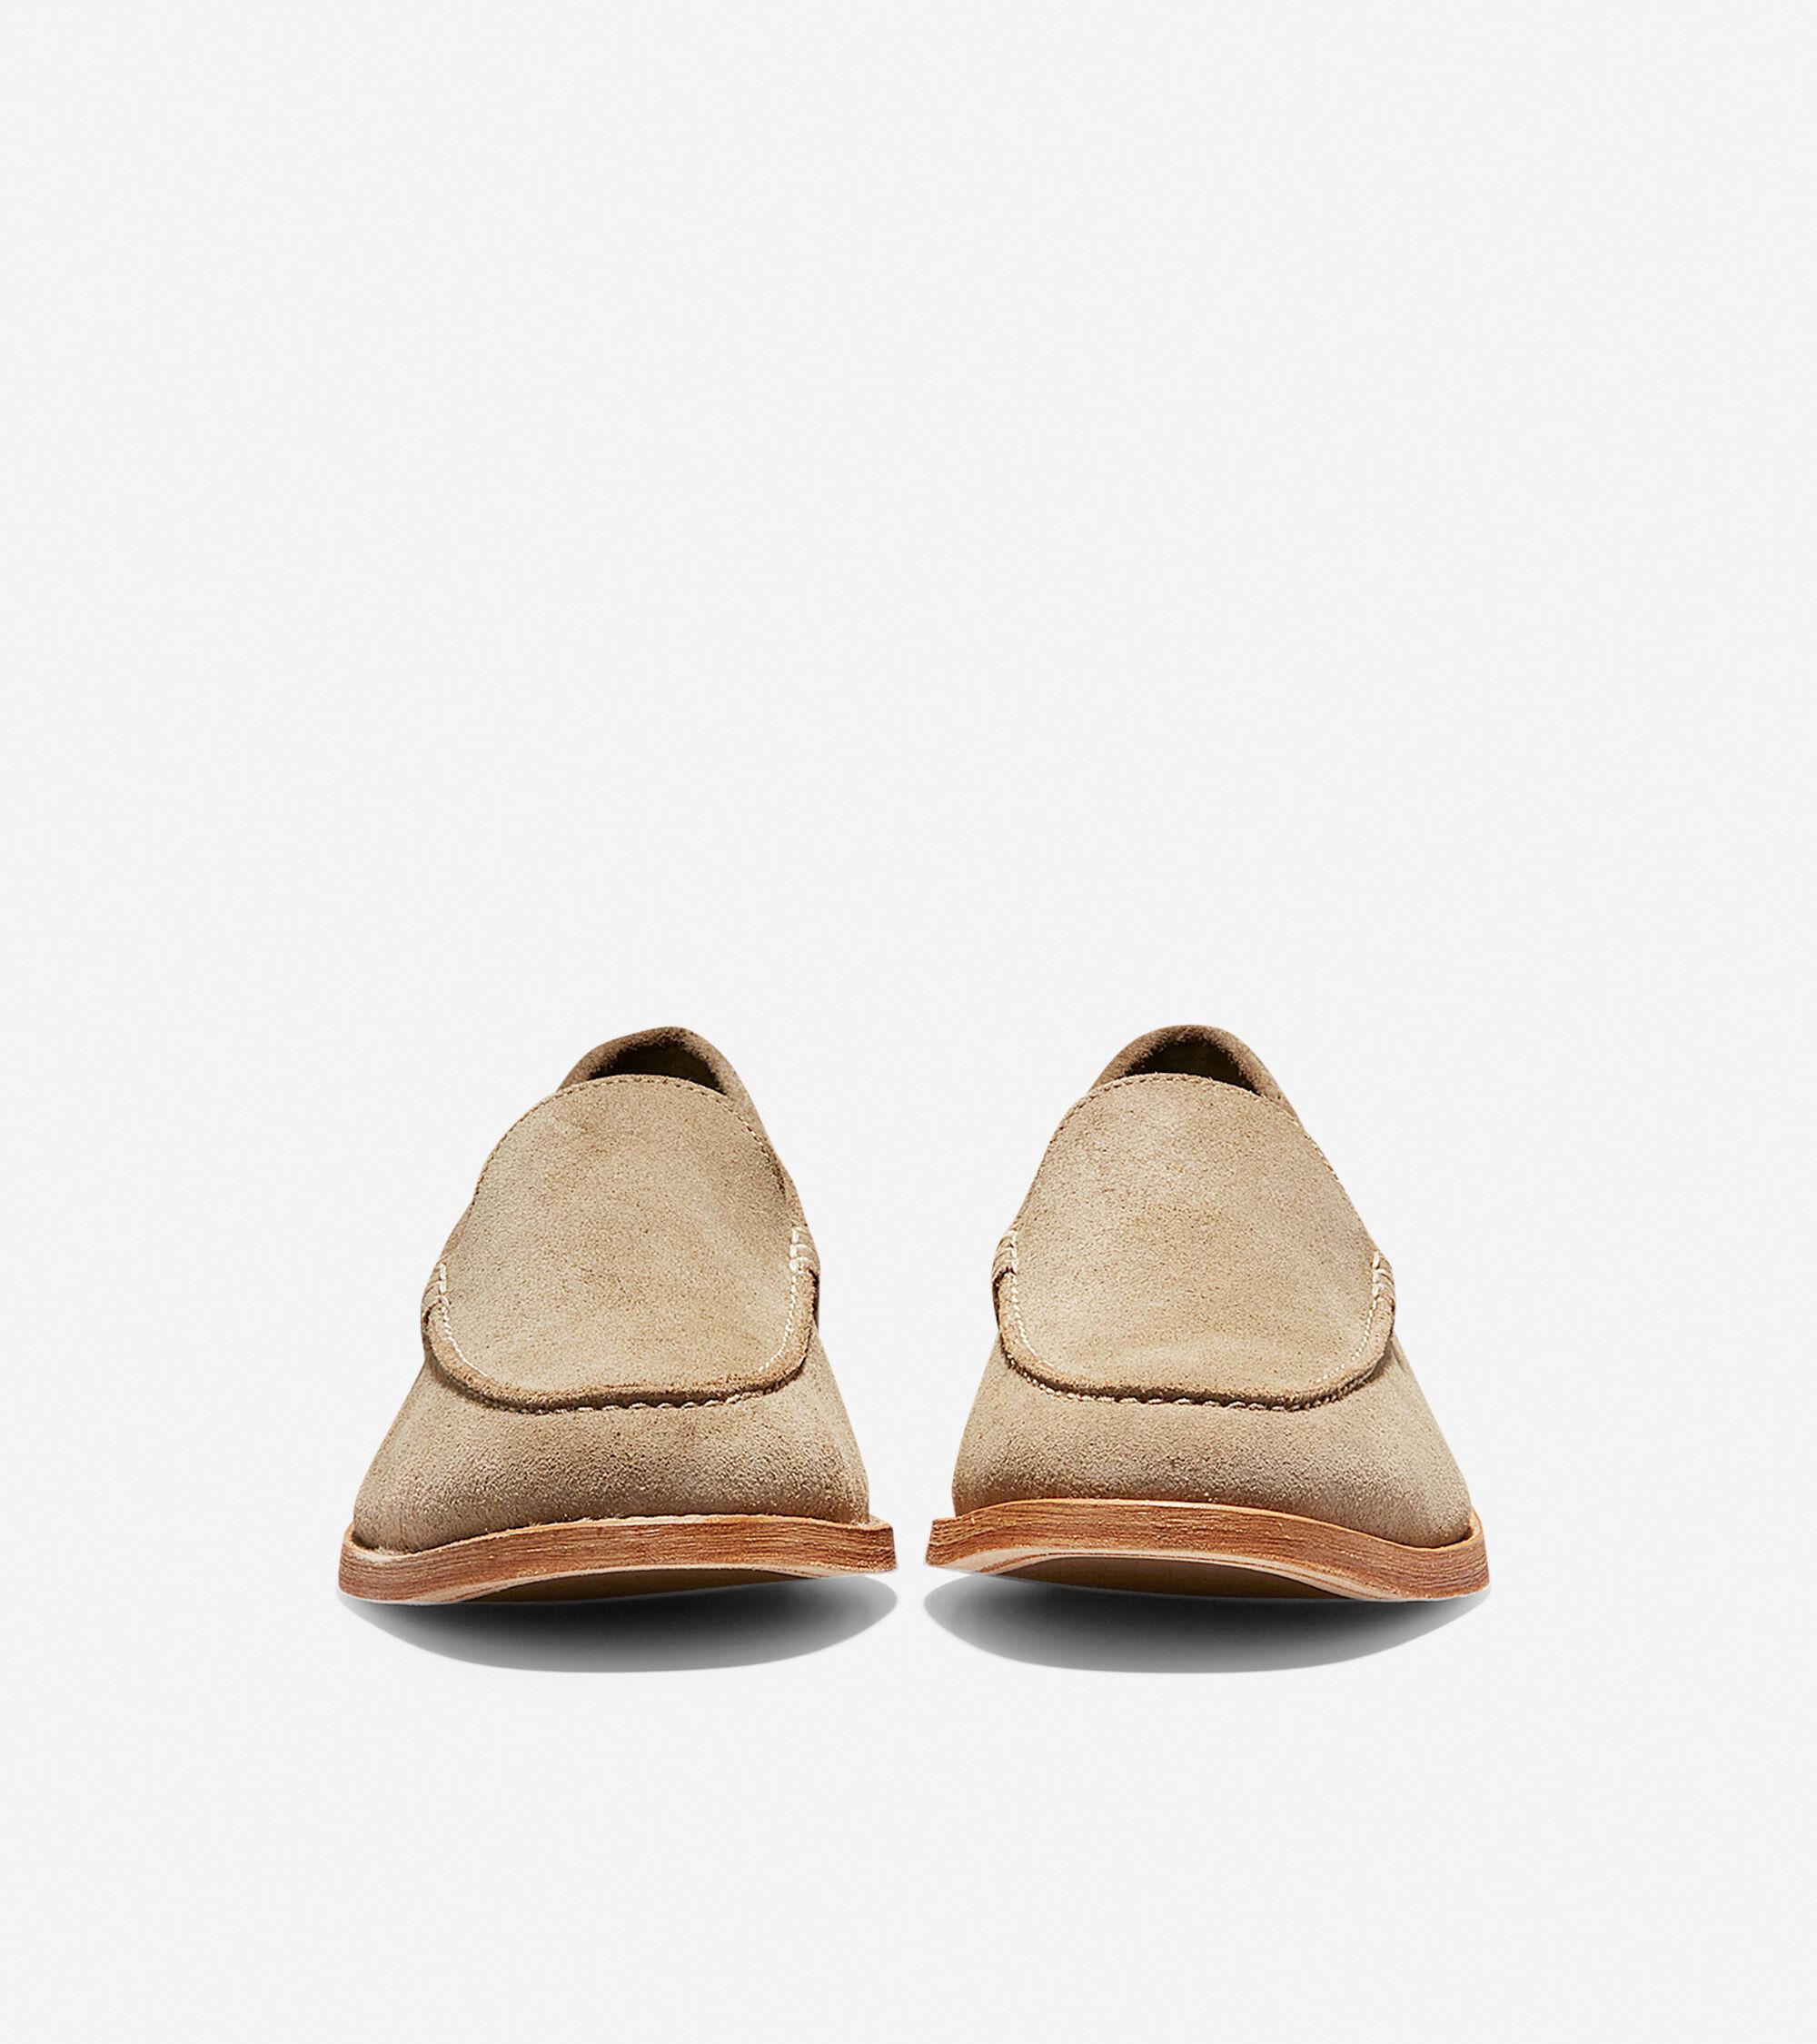 87d0cdd6731 Men s Feathercraft Grand Venetian Loafers in Desert Beige